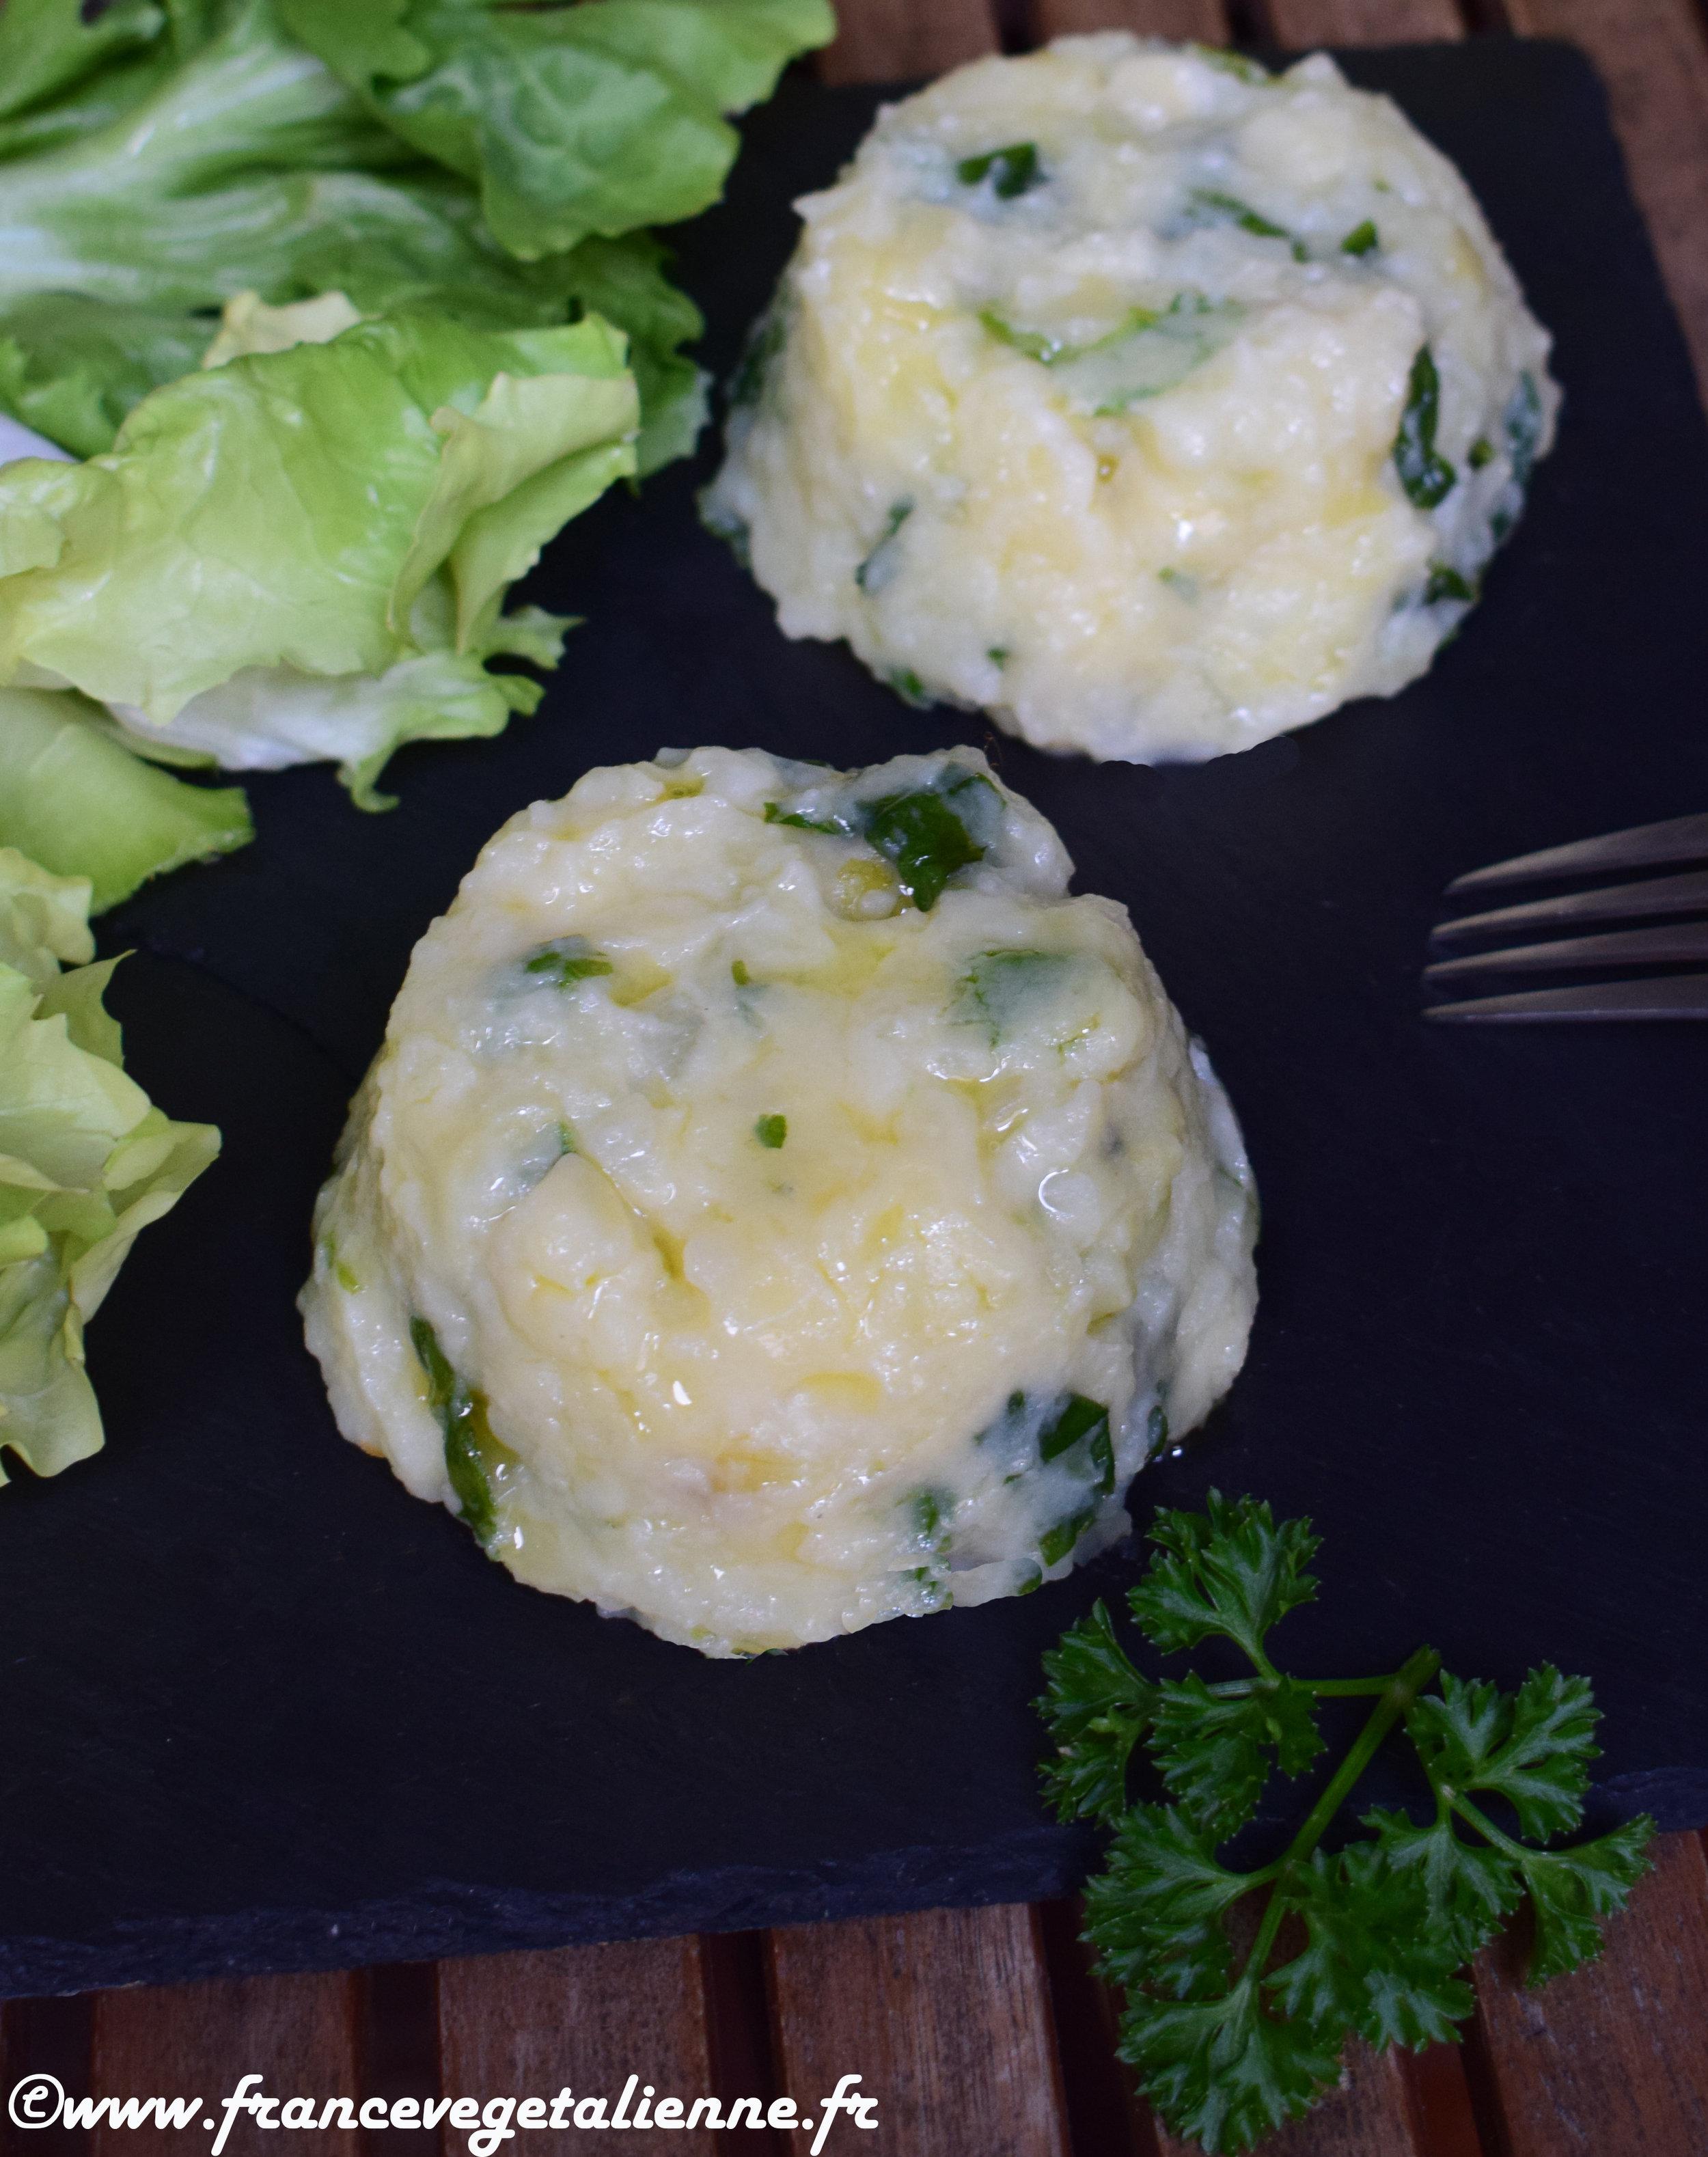 Stamppot (écrasé de pommes de terre aux légumes, recette végane)